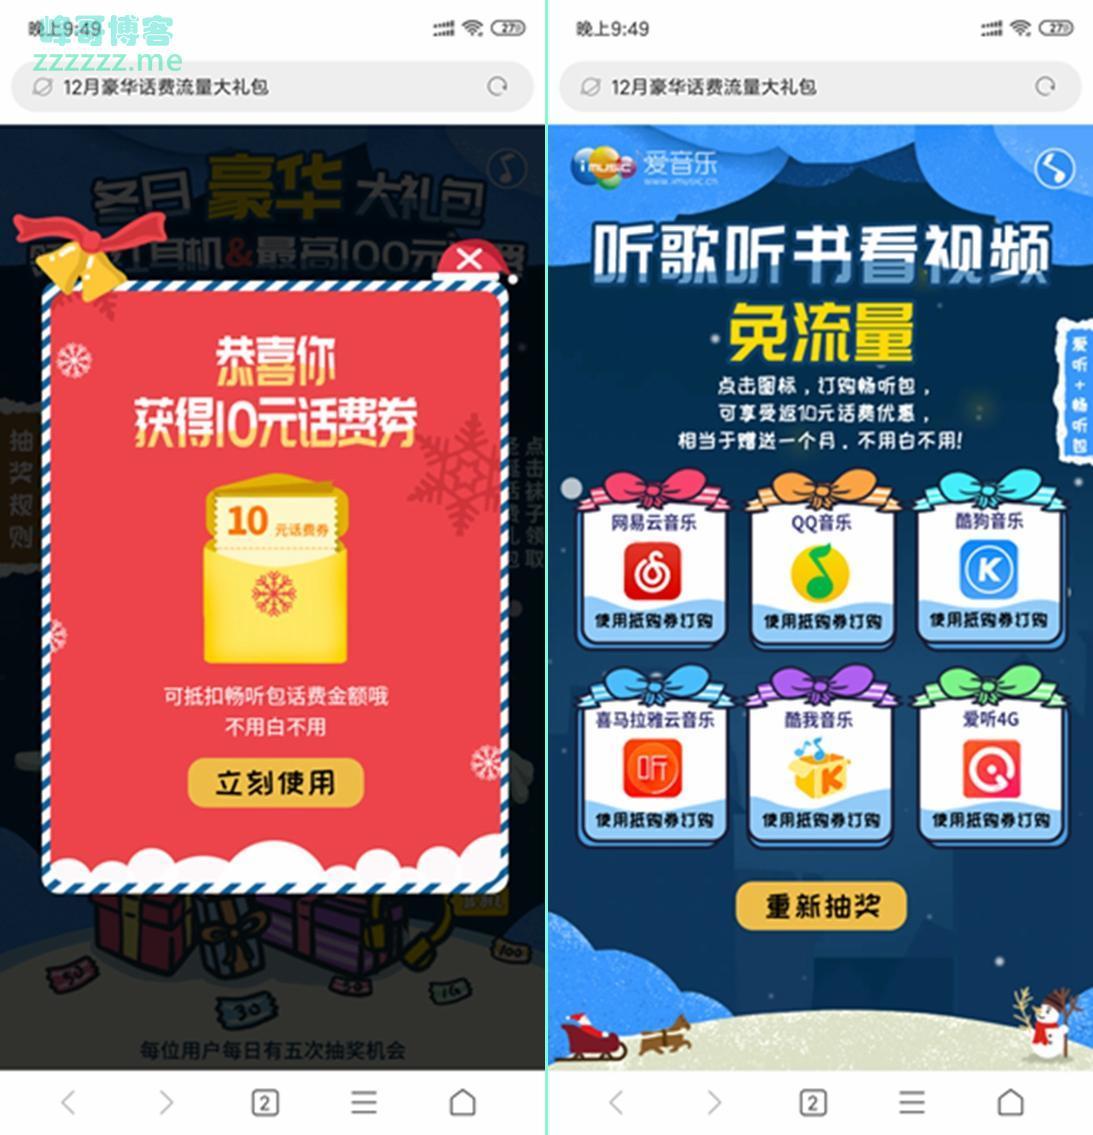 中国电信12月豪华话费流量大礼包活动免费领一个月定向流量包!